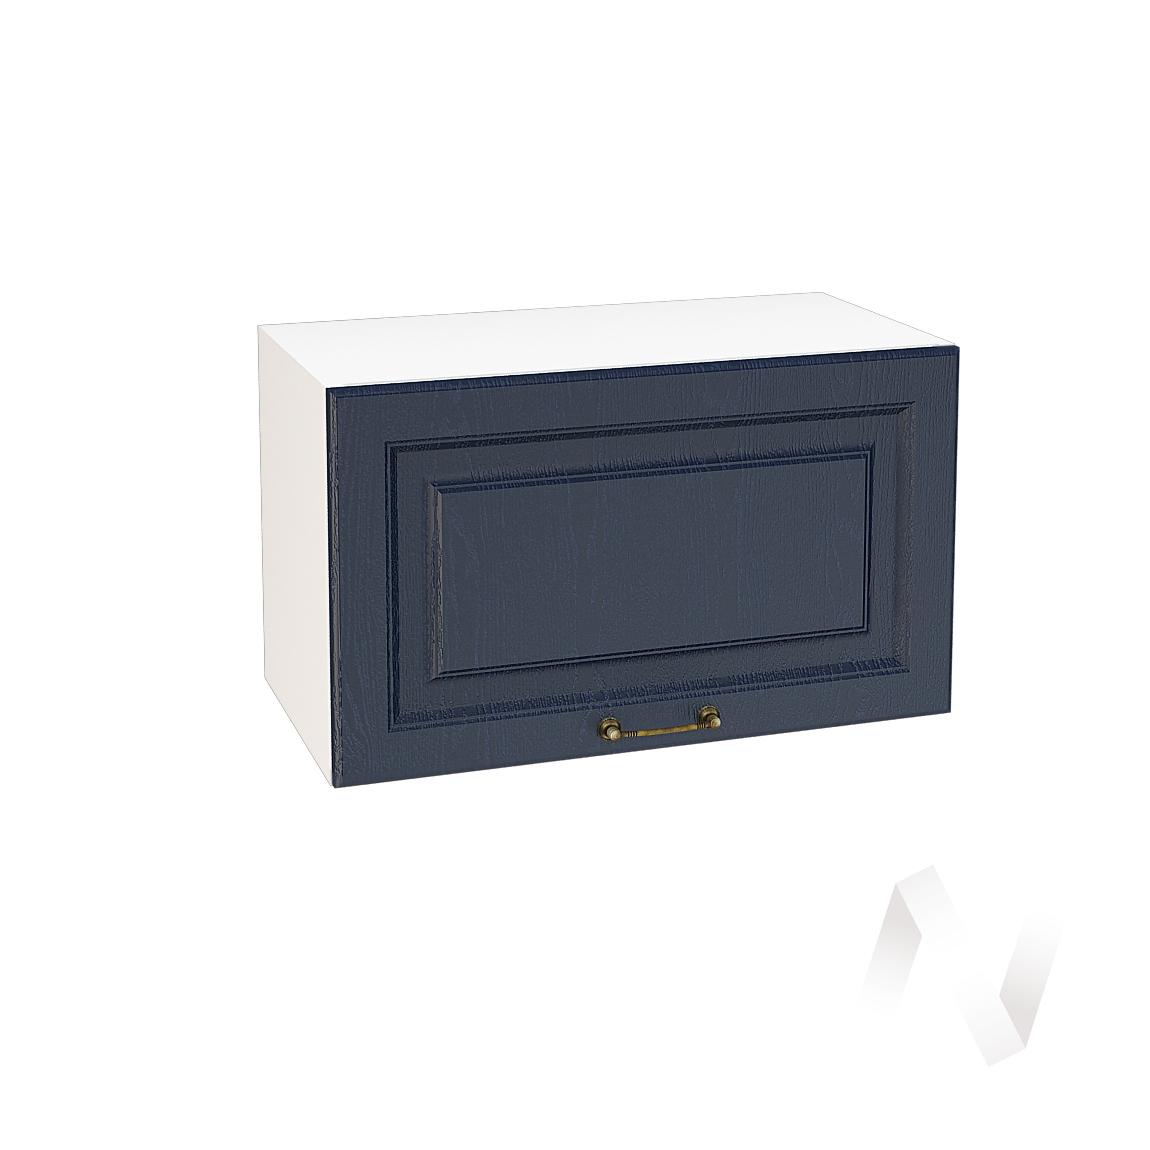 """Кухня """"Ницца"""": Шкаф верхний горизонтальный 609, ШВГ 609 (Дуб чернильный/корпус белый)"""